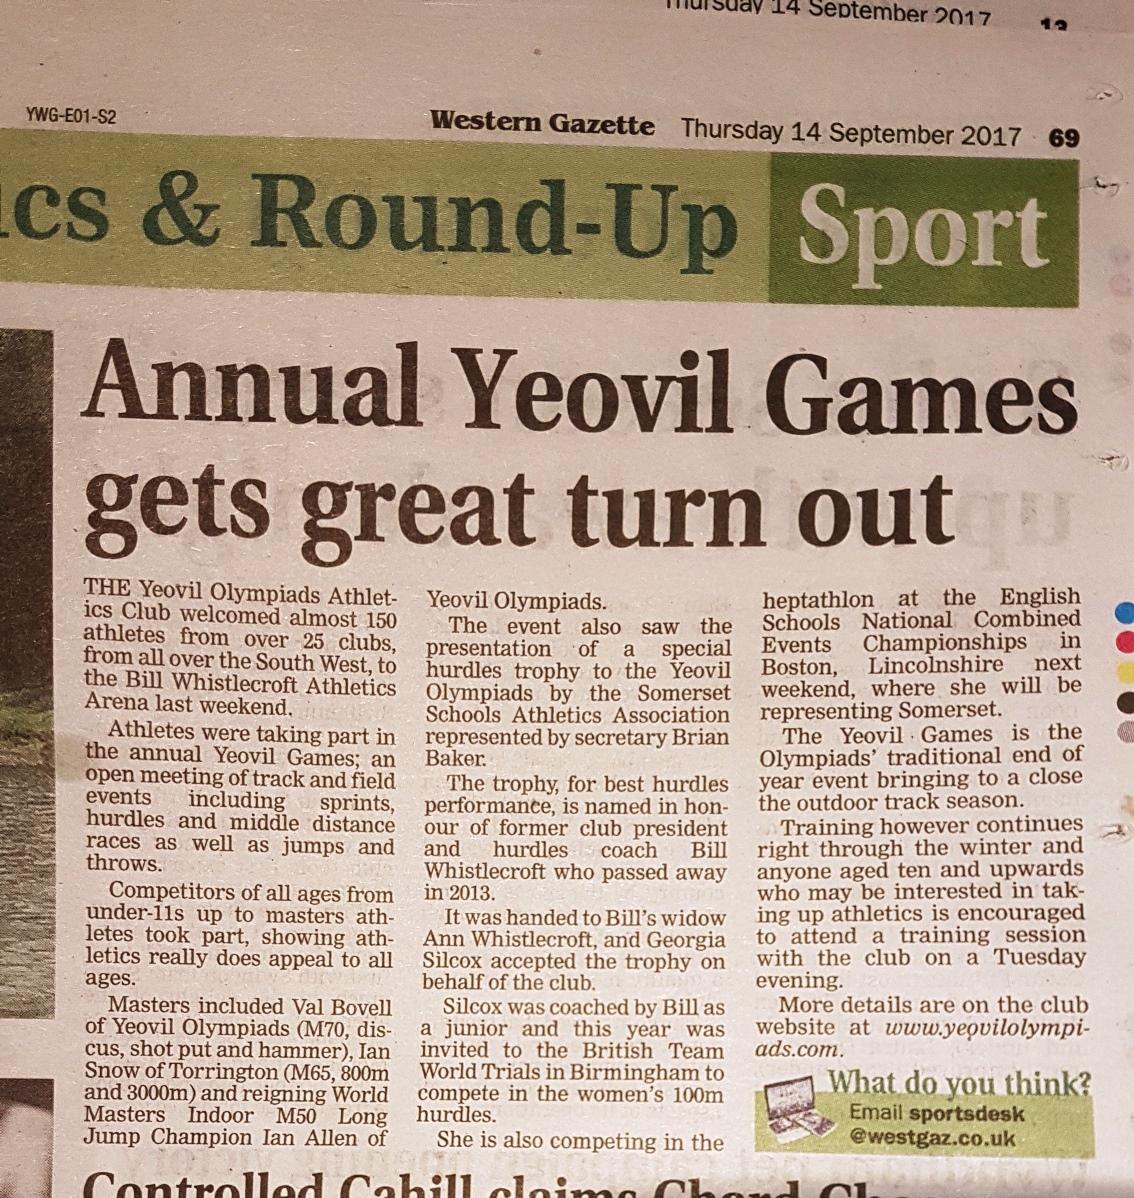 Yeovil Games 2017